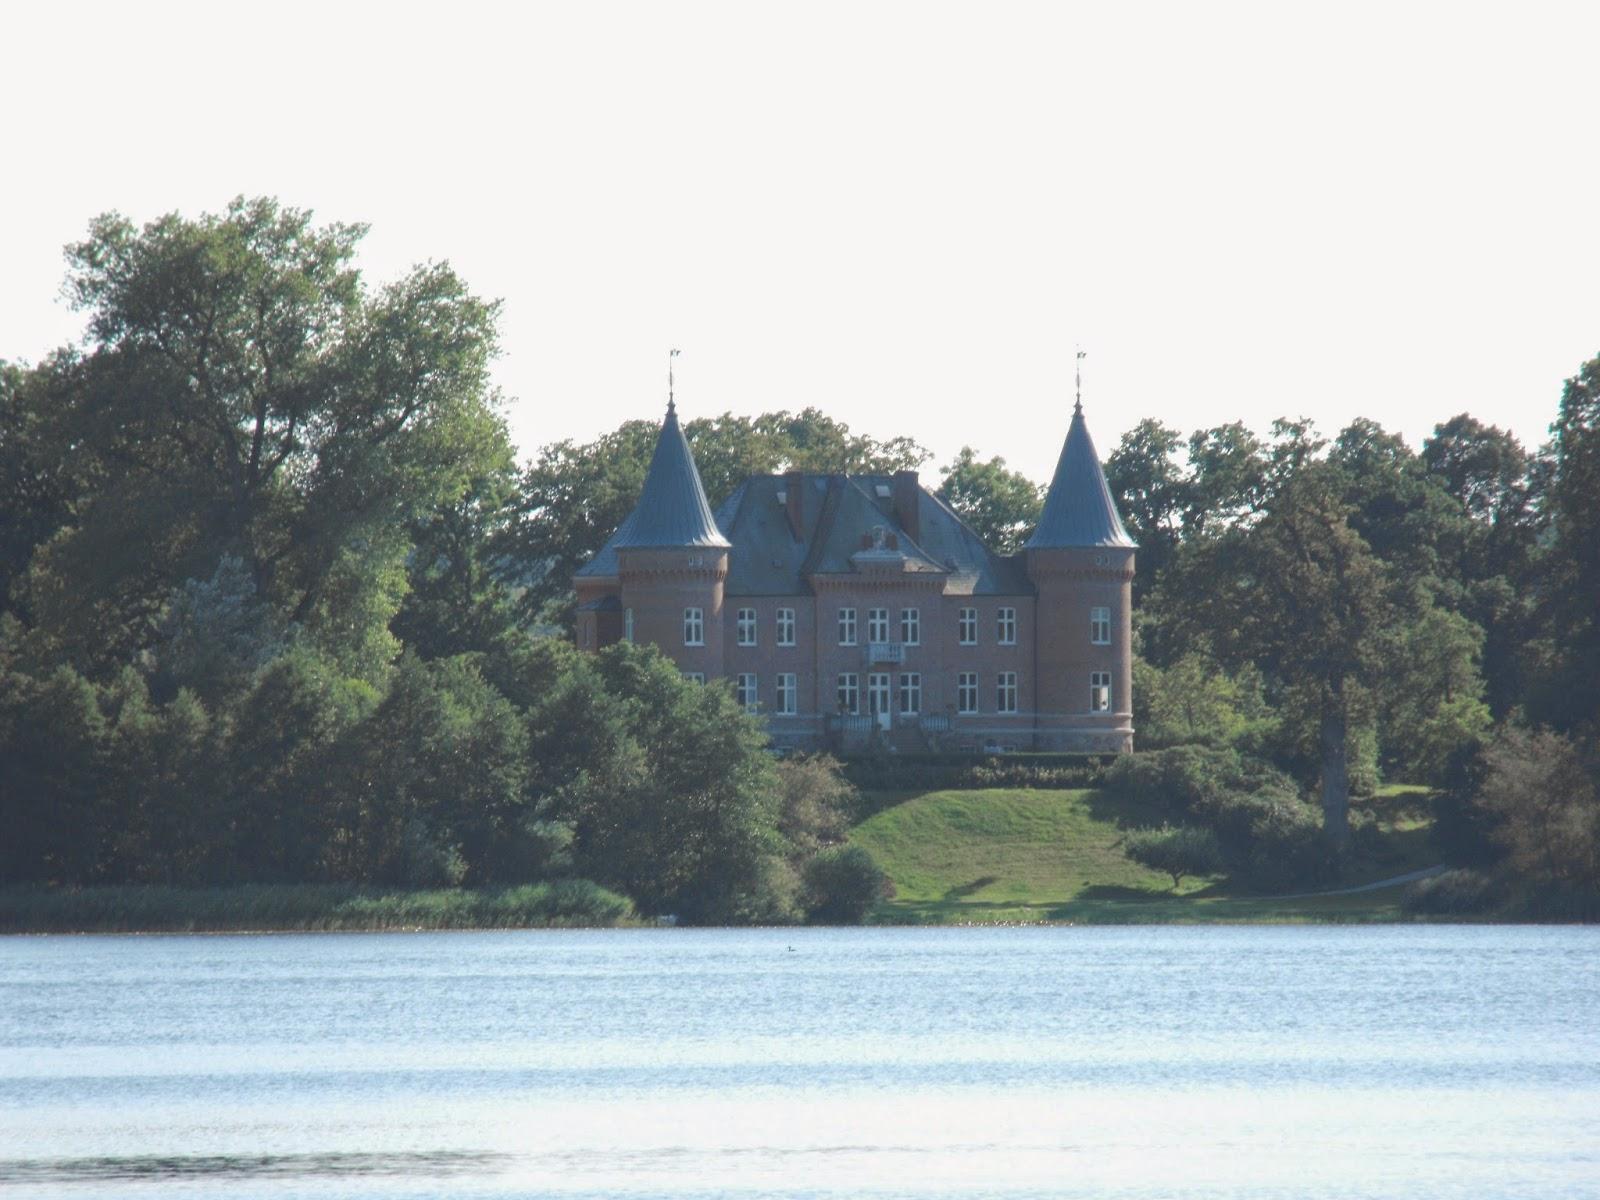 Bada, Sommar, Badsjö, kvesarum, insjö, vacker natur, Sösdala, Hörby, Kvesarumssjön, Kvesarums slott